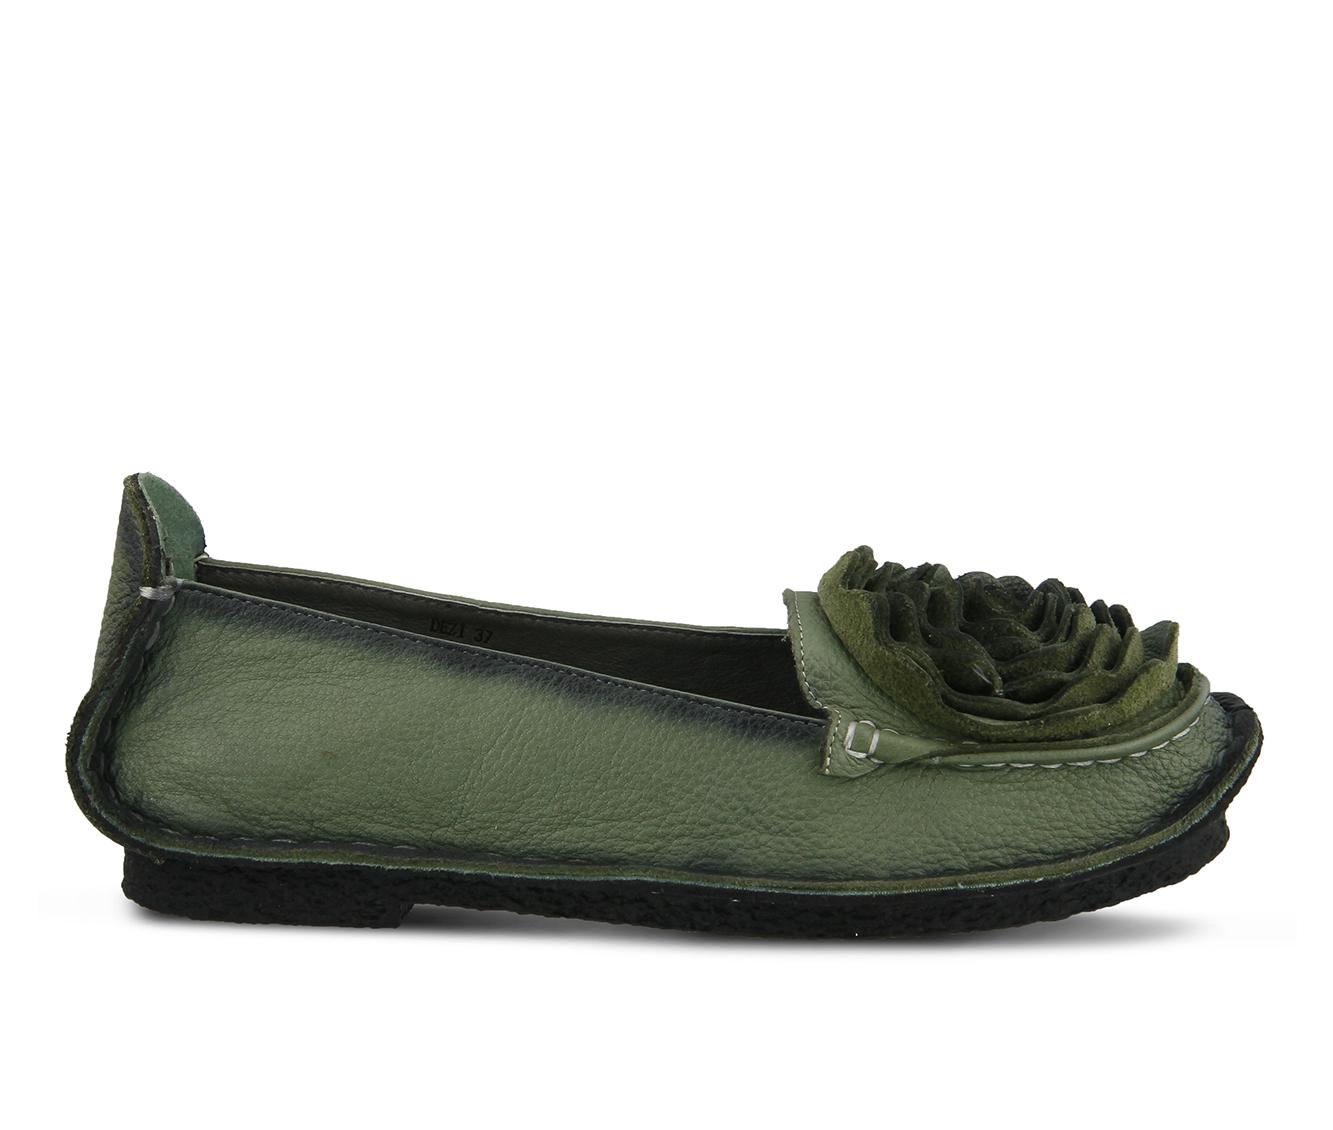 L'Artiste Dezi Women's Shoe (Green Leather)